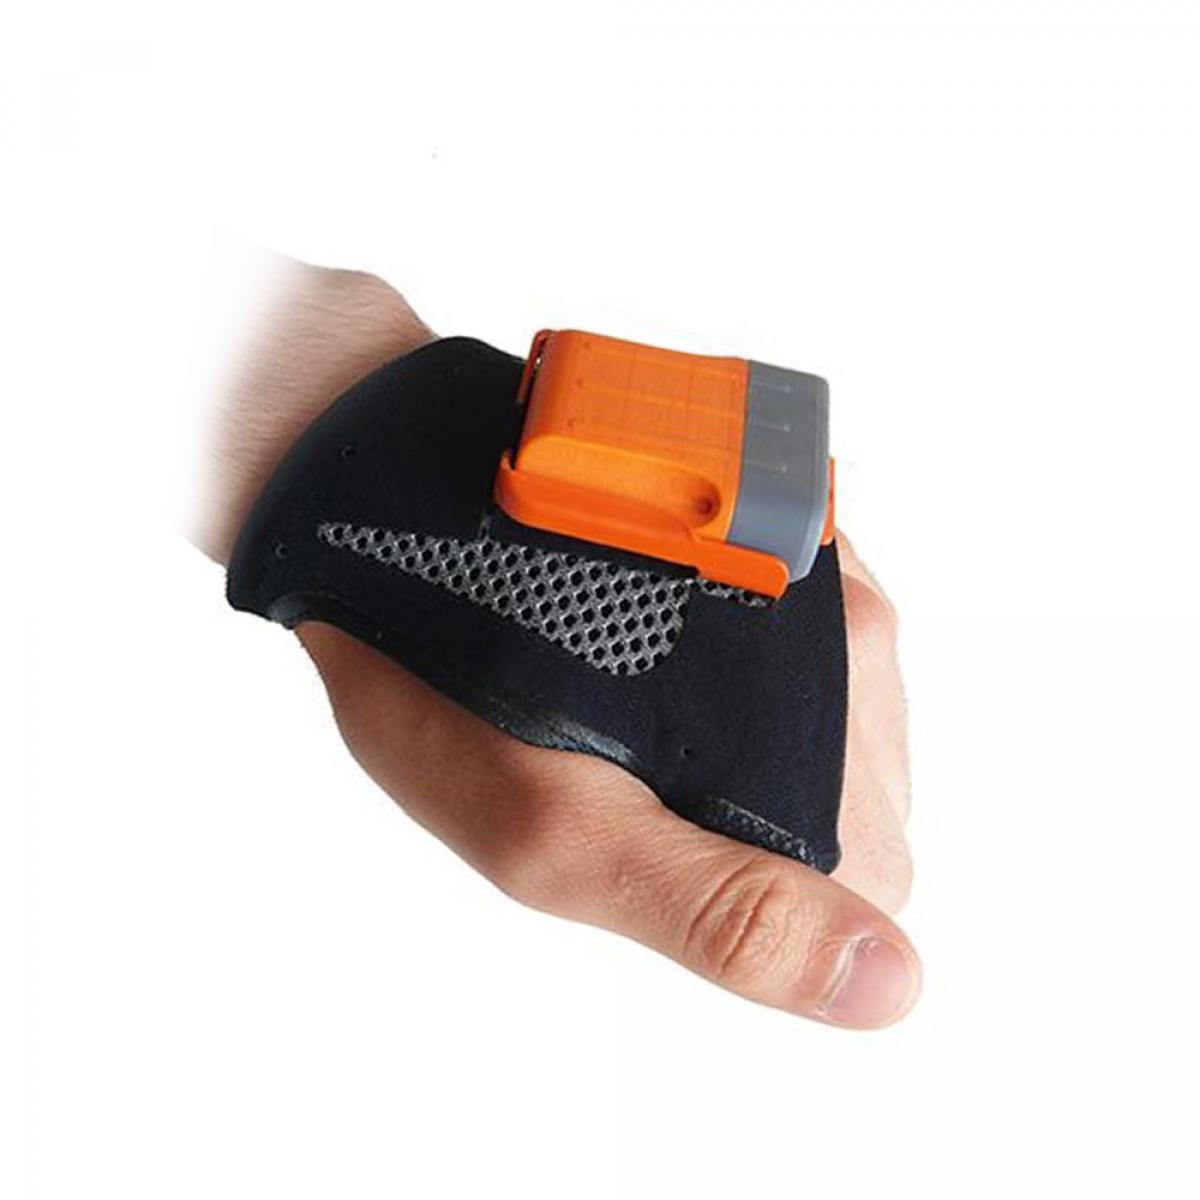 Proglove-Mark-hands-free-barcode-scanner.png